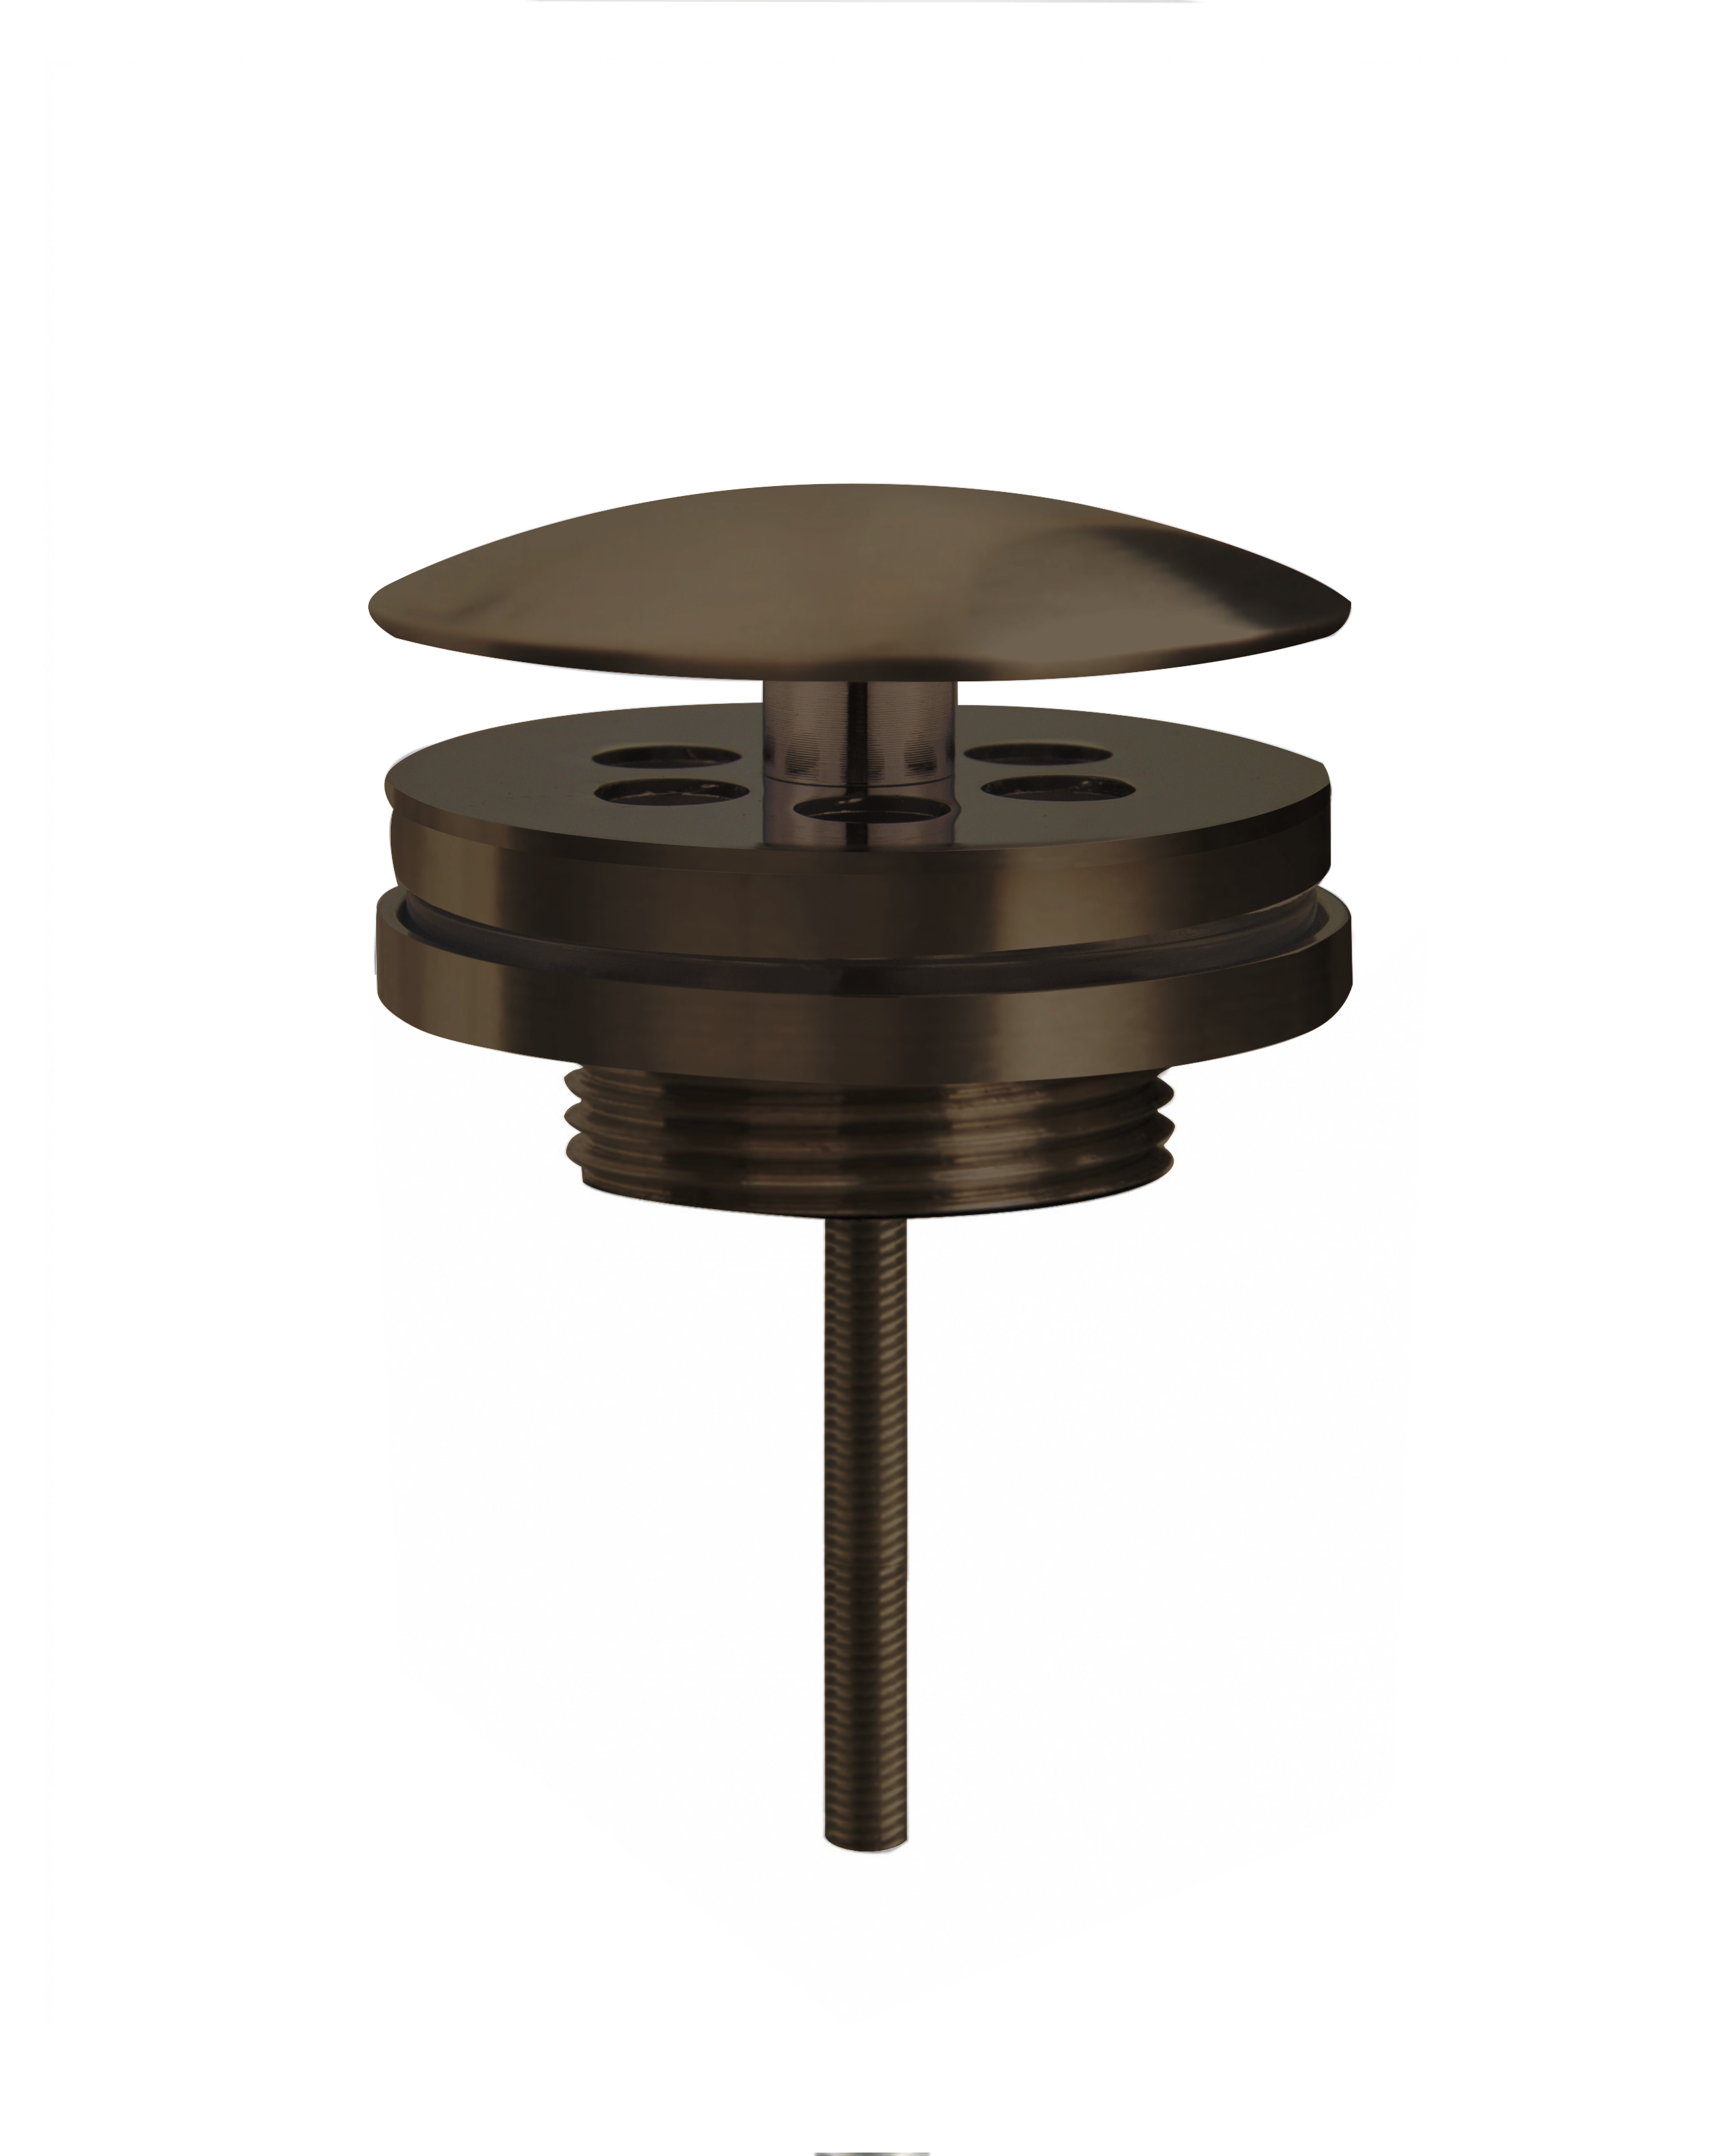 Best Design Moya lage fontein afvoerplug Gunmetal verouderd ijzer